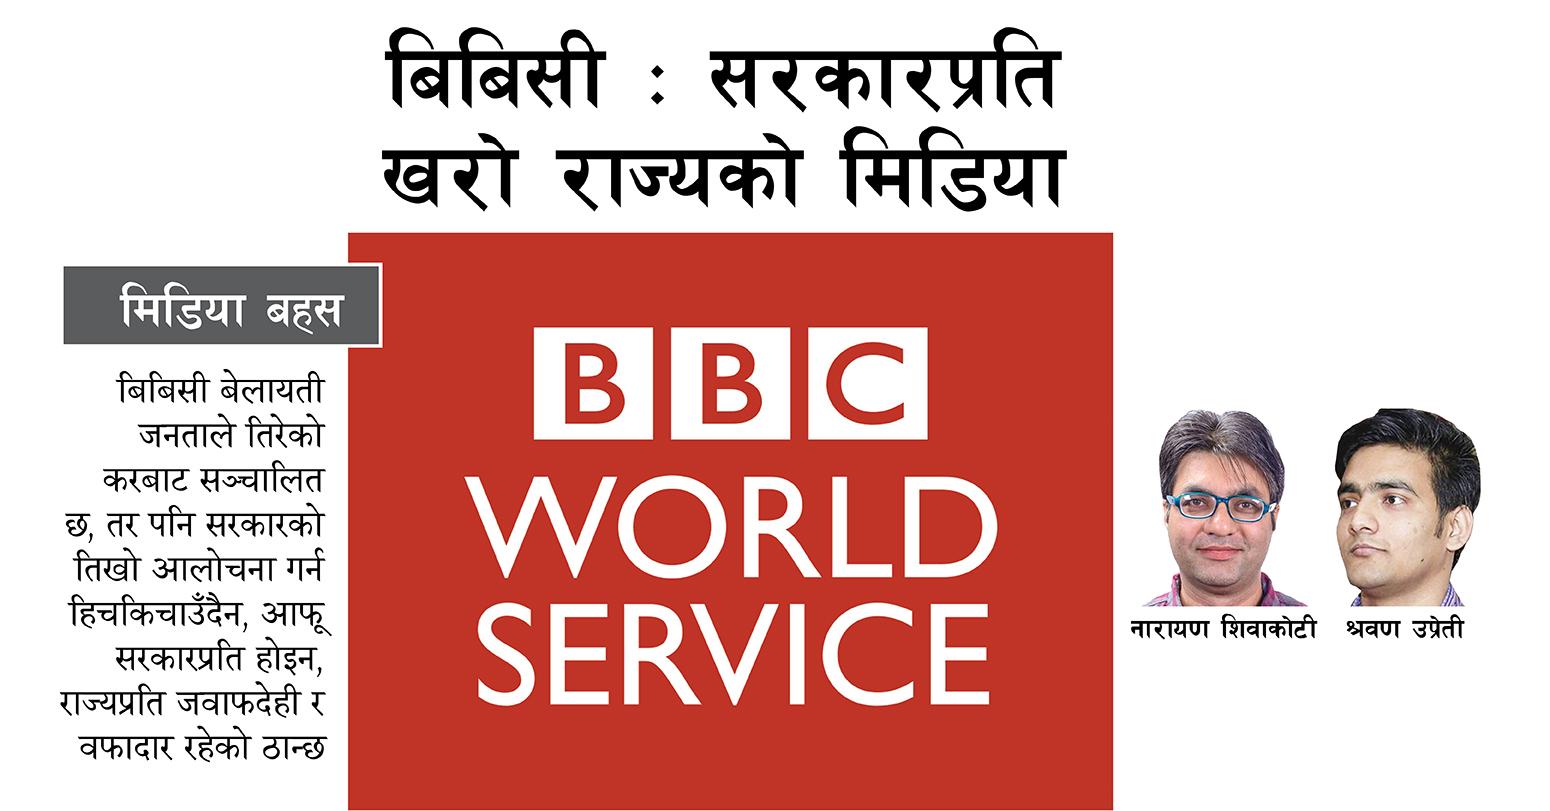 बिबिसी ः सरकारप्रति खरो राज्यको मिडिया